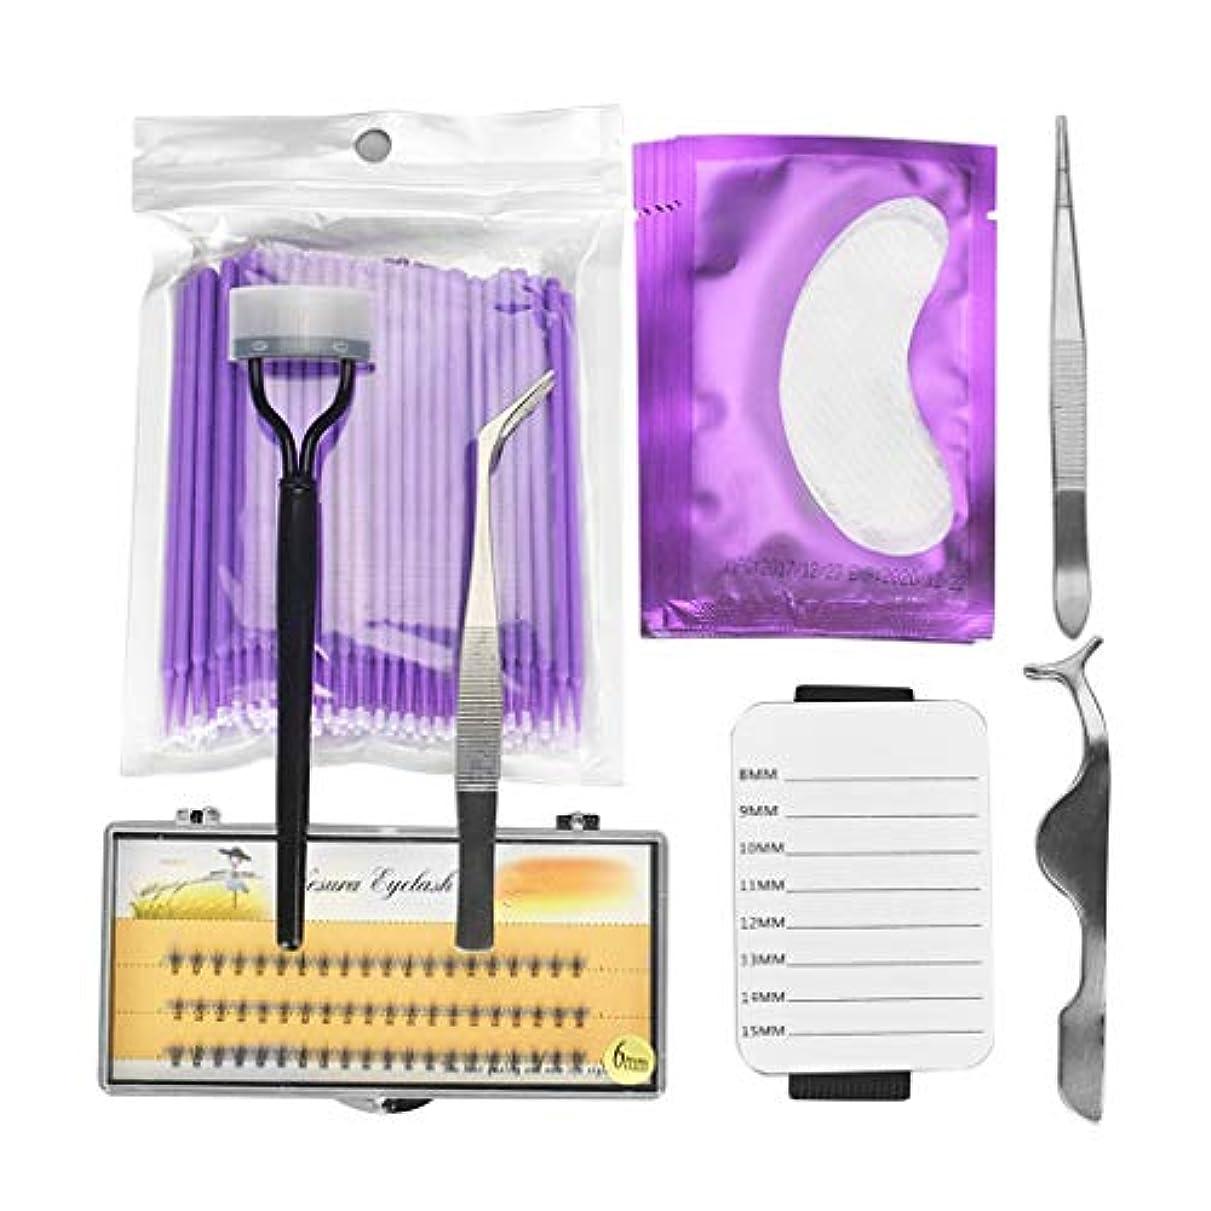 拡声器失礼な中傷全5色 アイメイク ラッシュ延長 つけまつげ 精密ピンセット ツイーザー まつげパレットホルダー - 紫